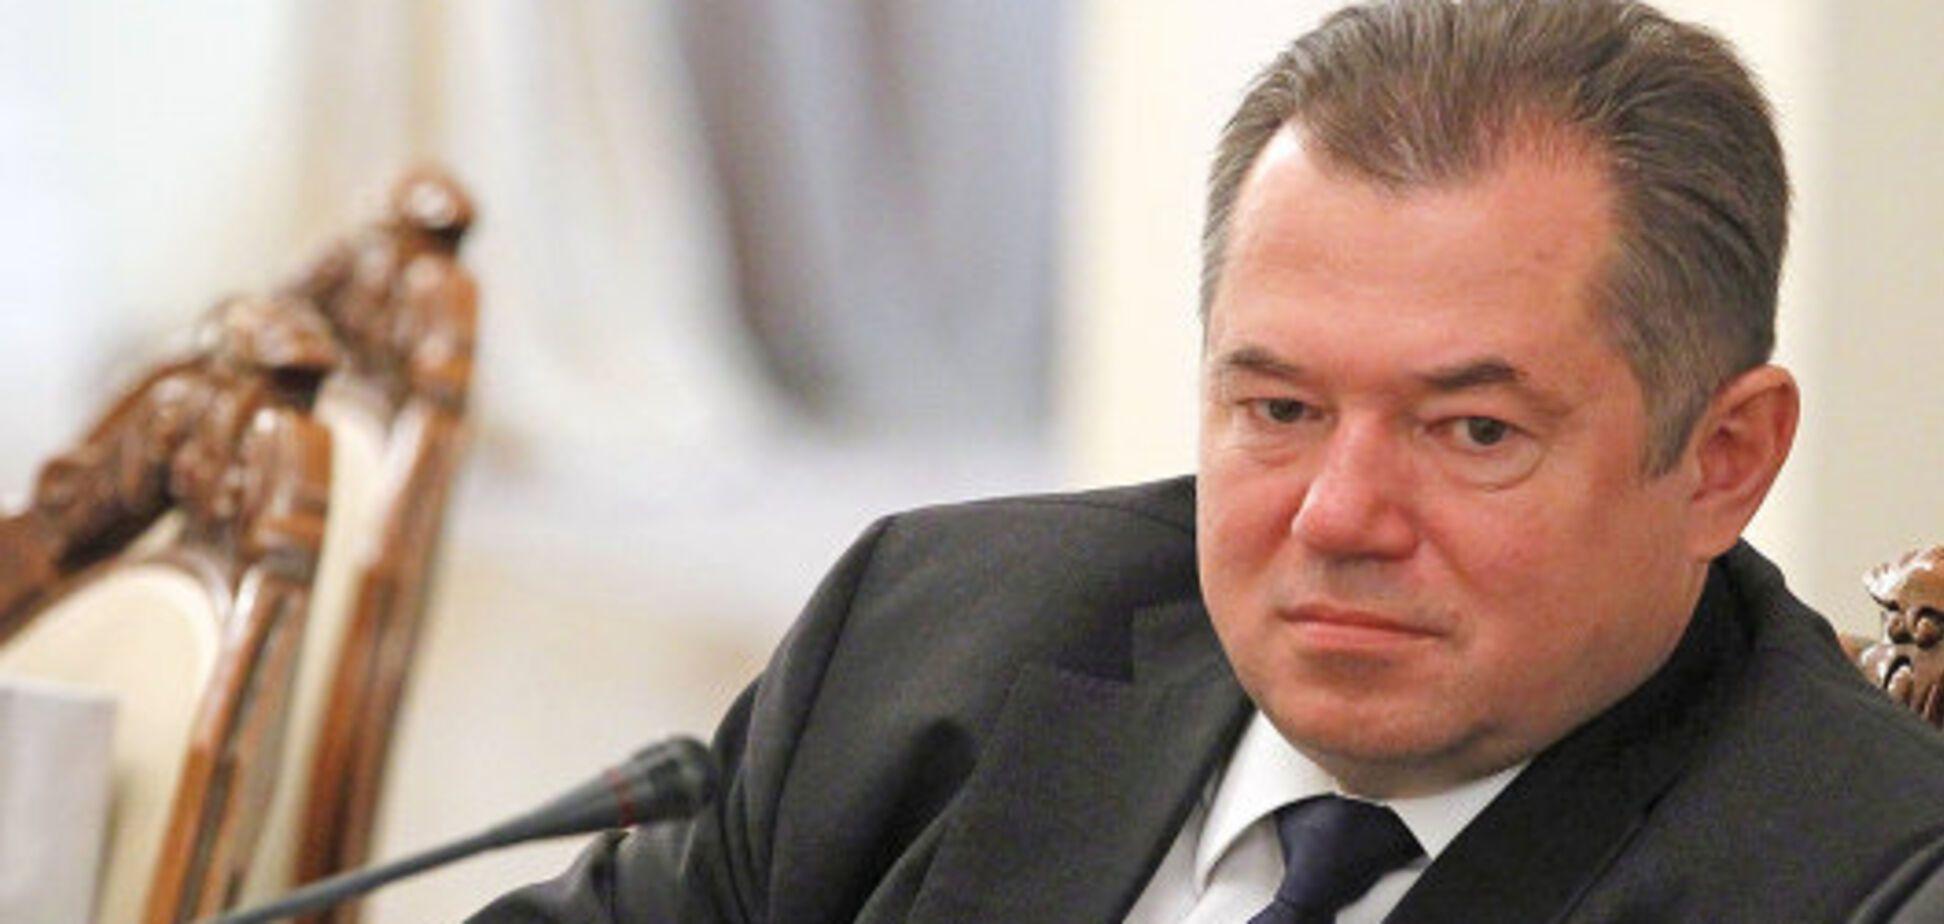 Як радник Путіна керував захопленням України: оприлюднені секретні матеріали